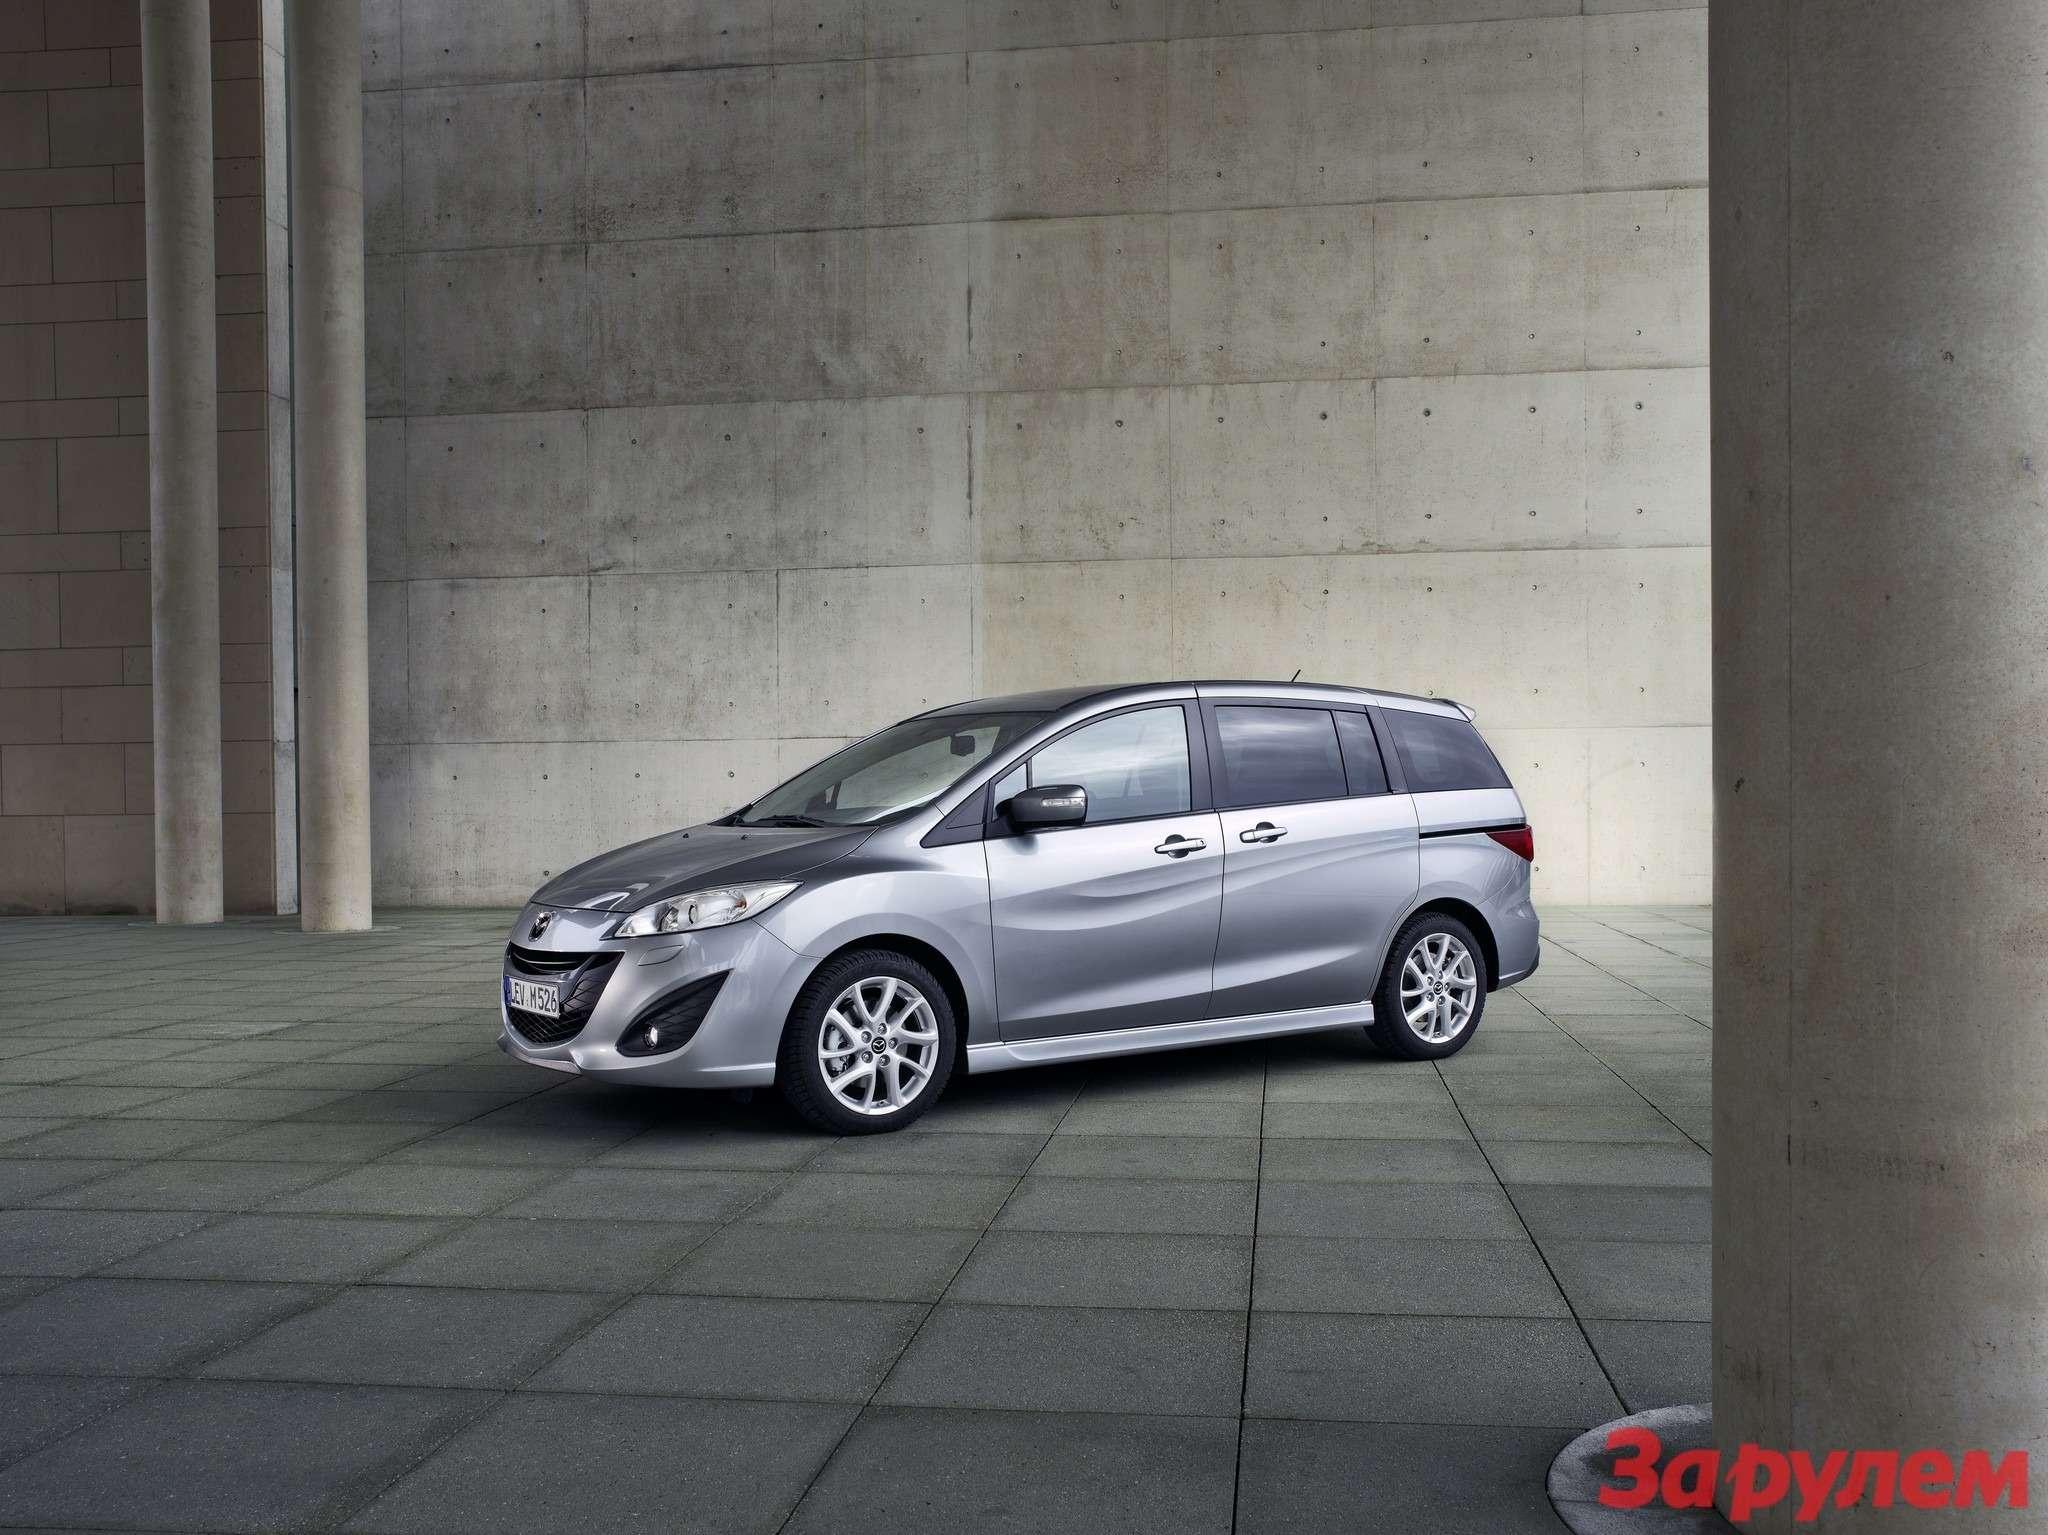 Mazda5_Upgrade_2013_still_09__jpg300